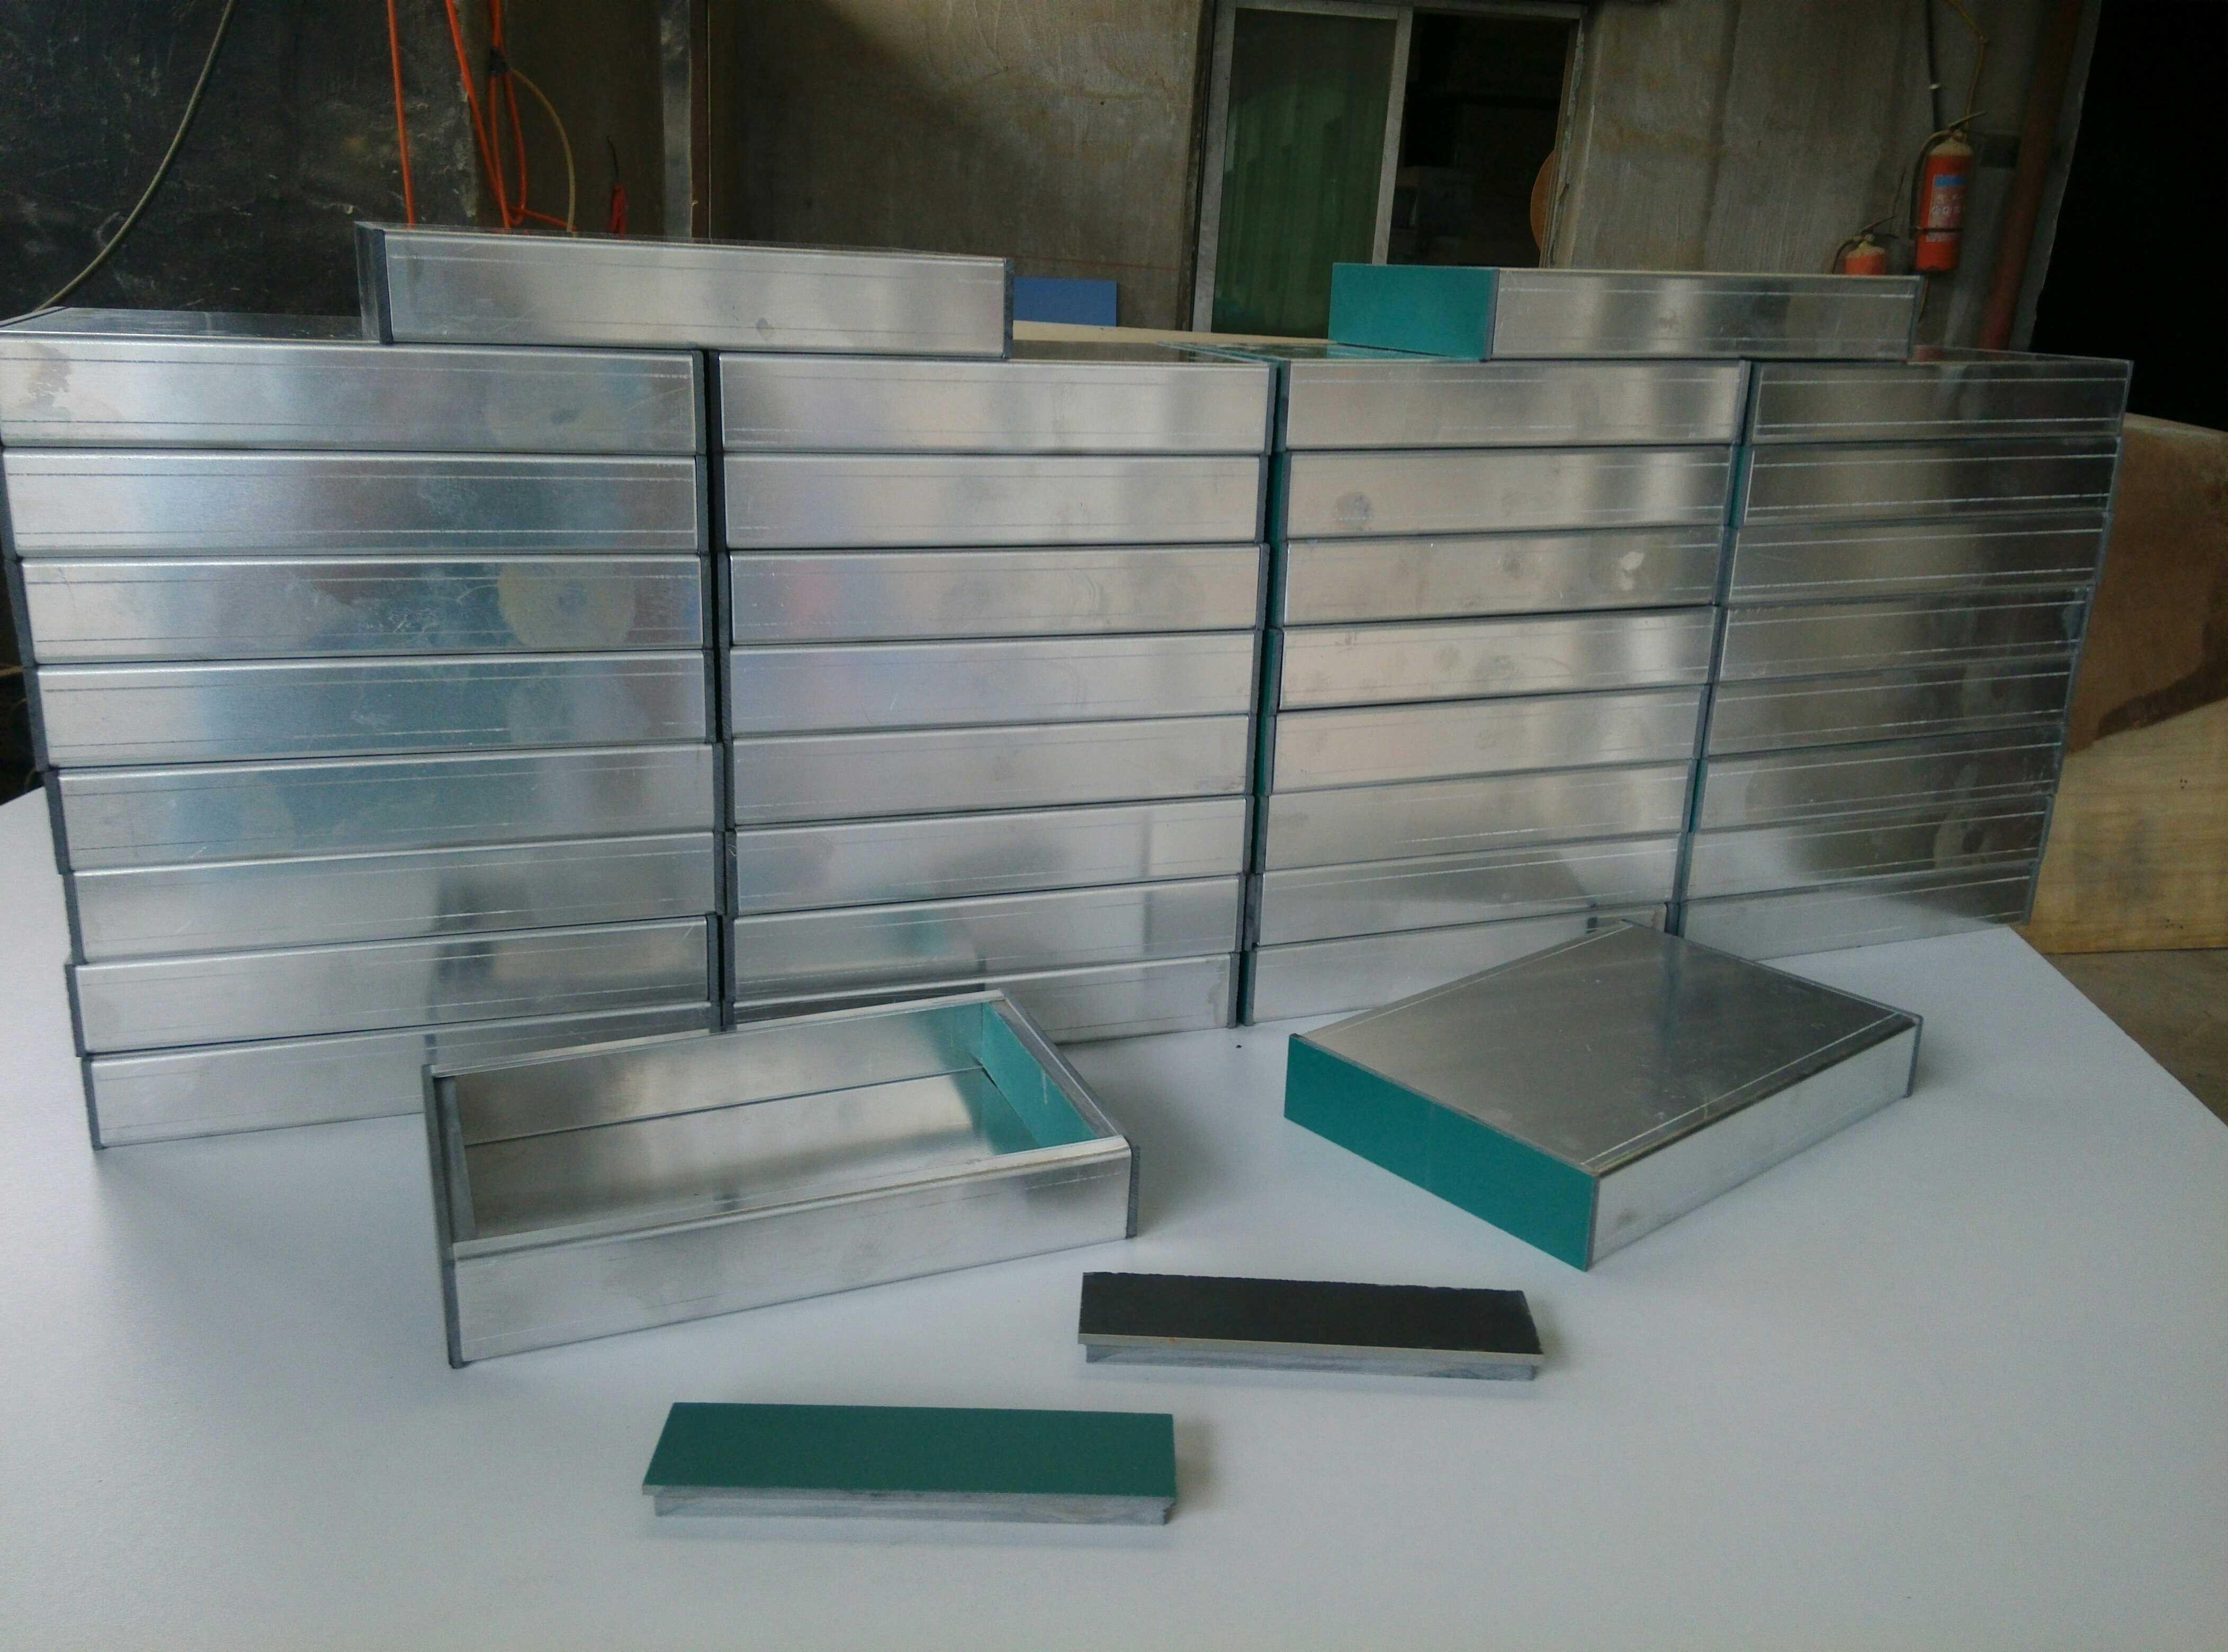 Трубка усилителя шасси, шасси желчь 6P 1 + реальности основные физики и химии 2 мм толщиной алюминиевой пластине (боковые стенки)